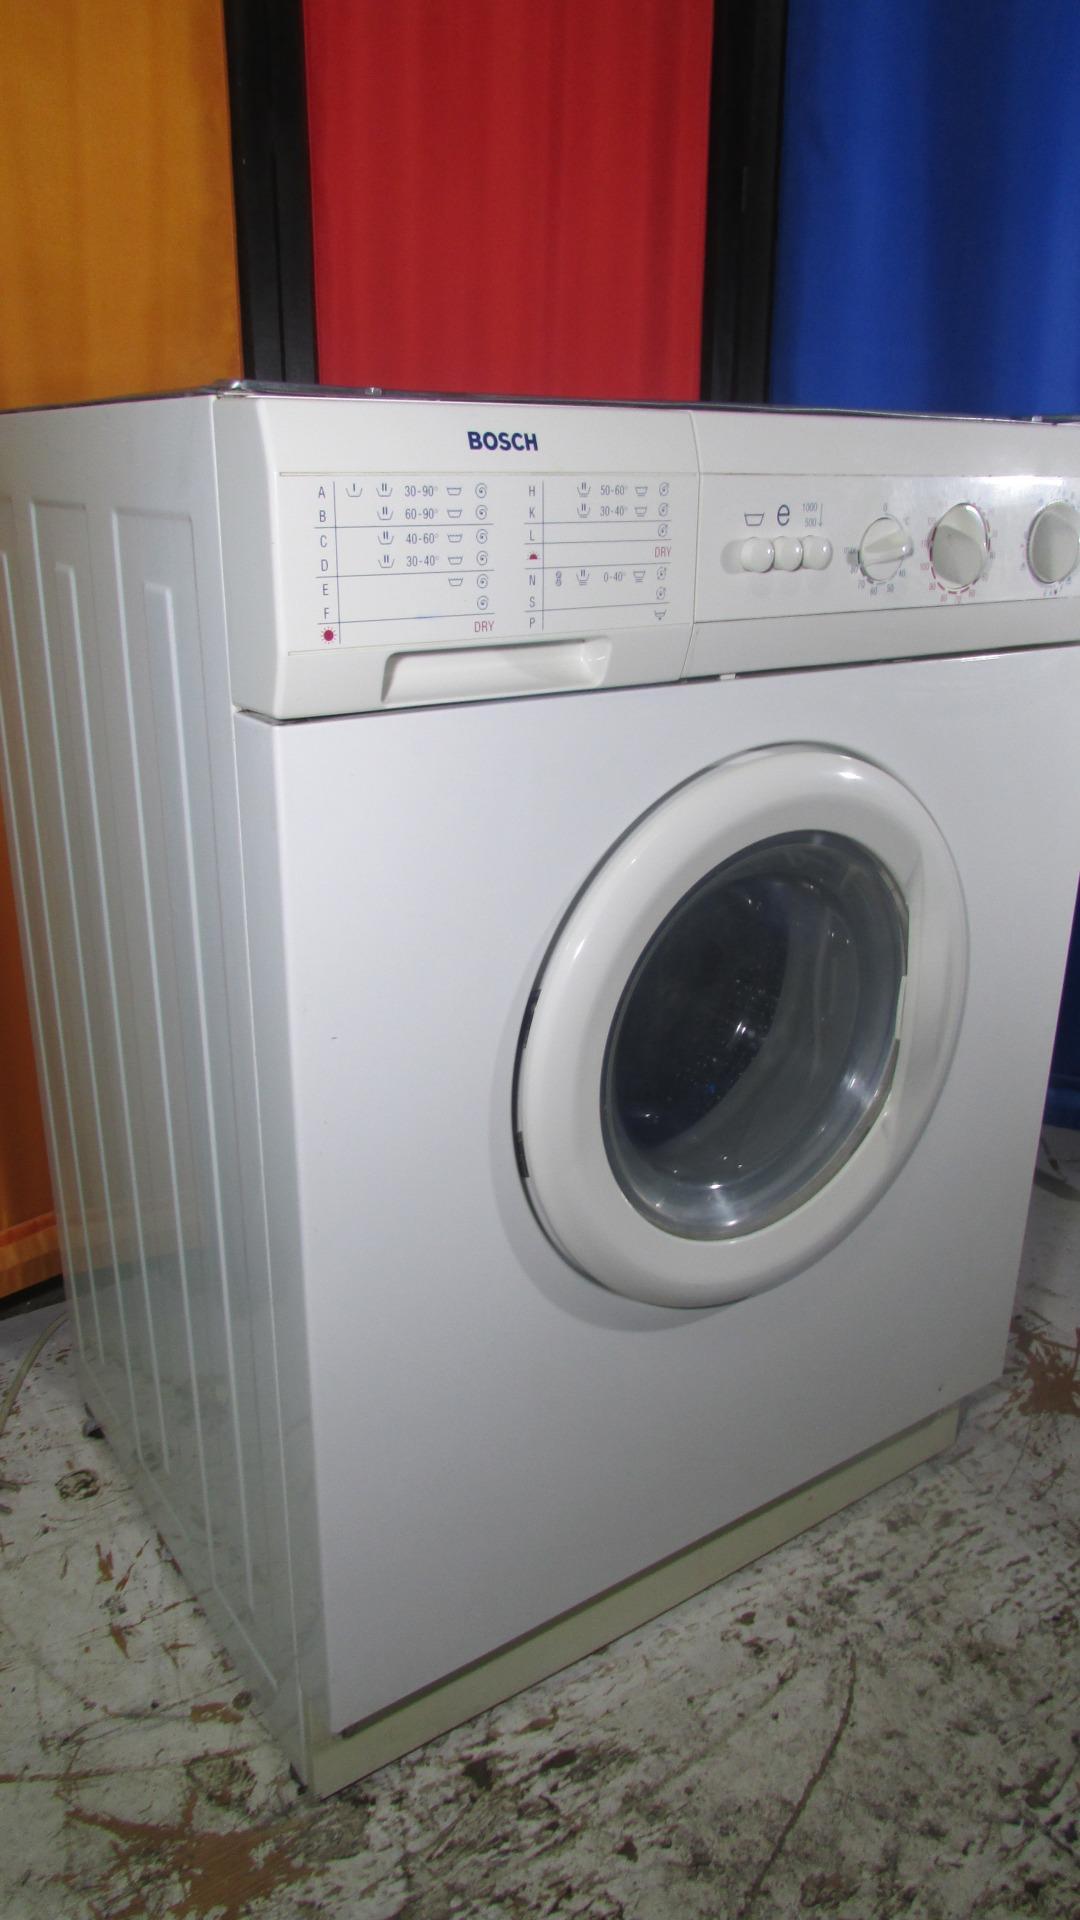 Ремонт стиральных машин москва bosh обслуживание стиральных машин бош 2-я Фрезерная улица